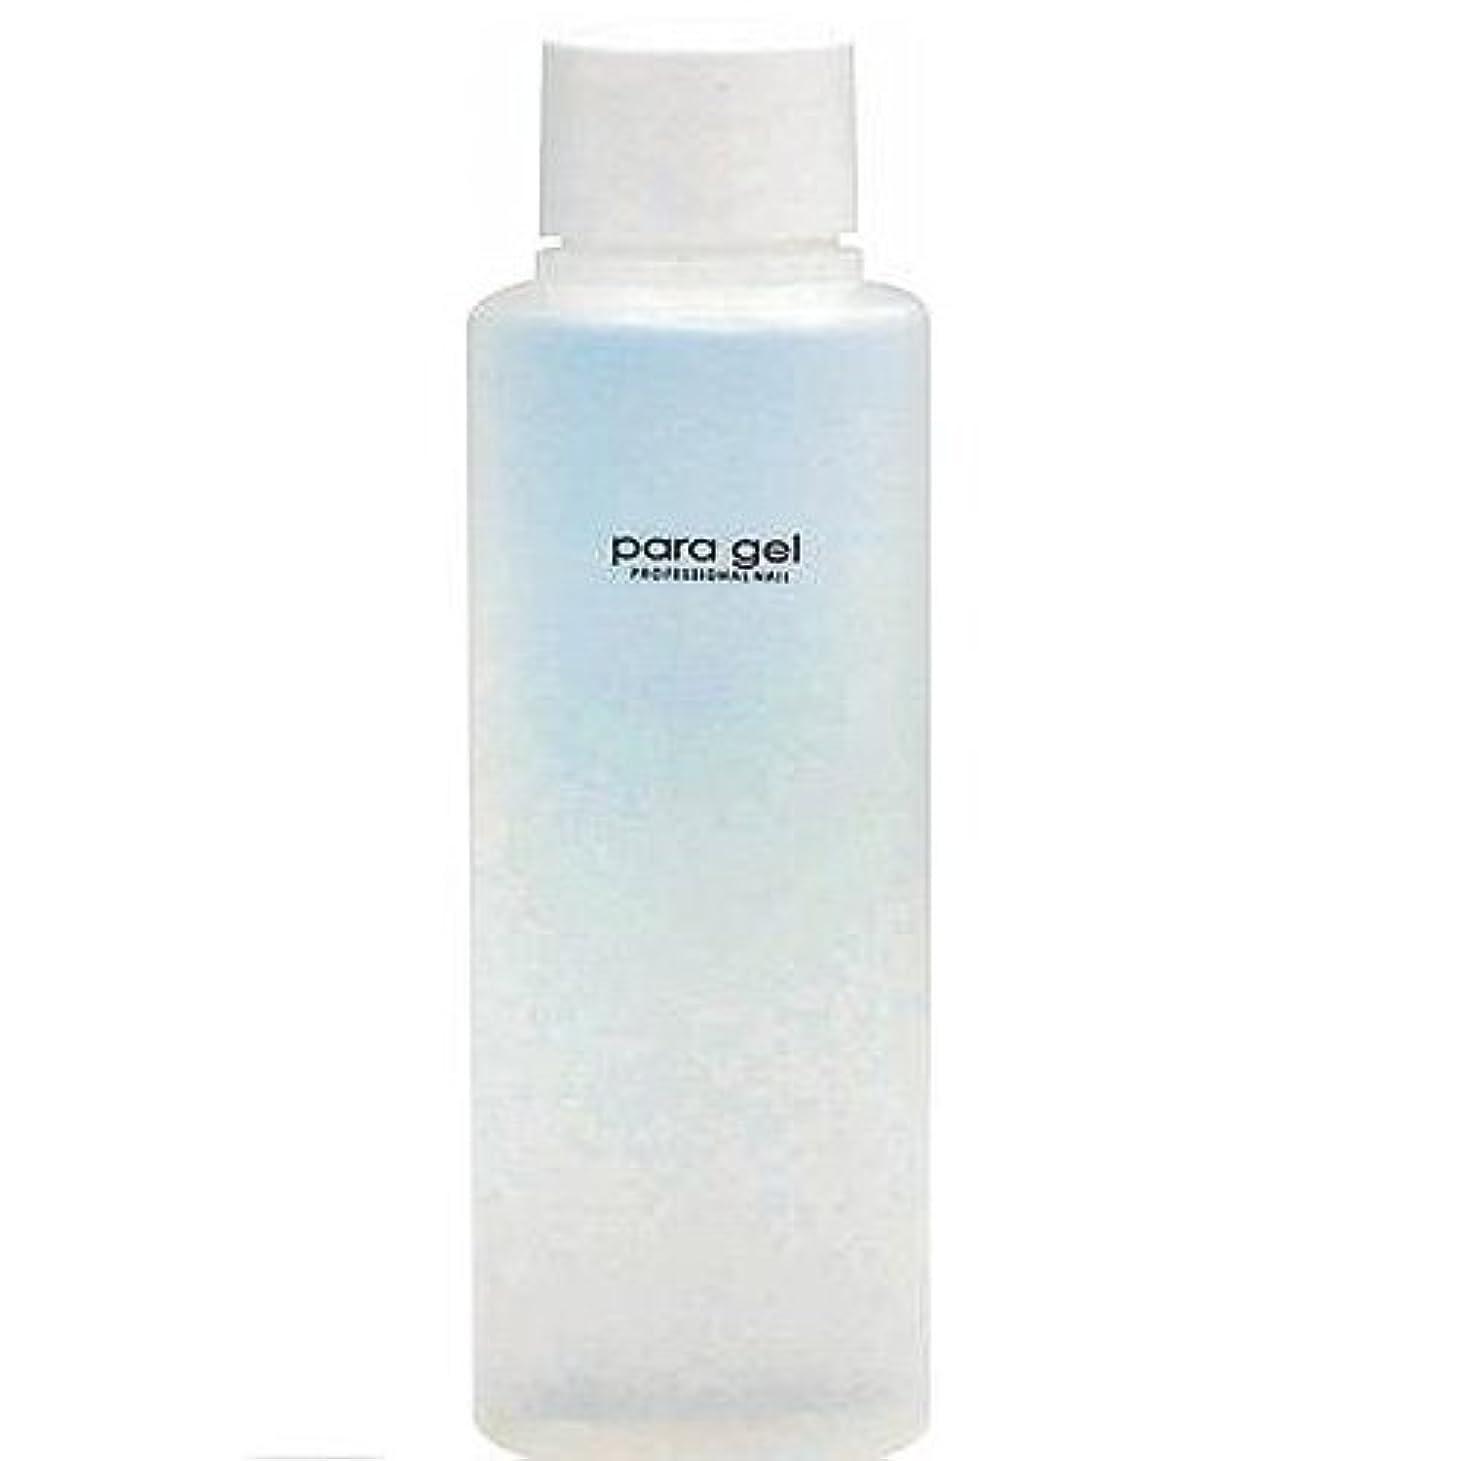 キャロラインのぞき穴水平パラジェル(para gel) パラクリーナー 120ml